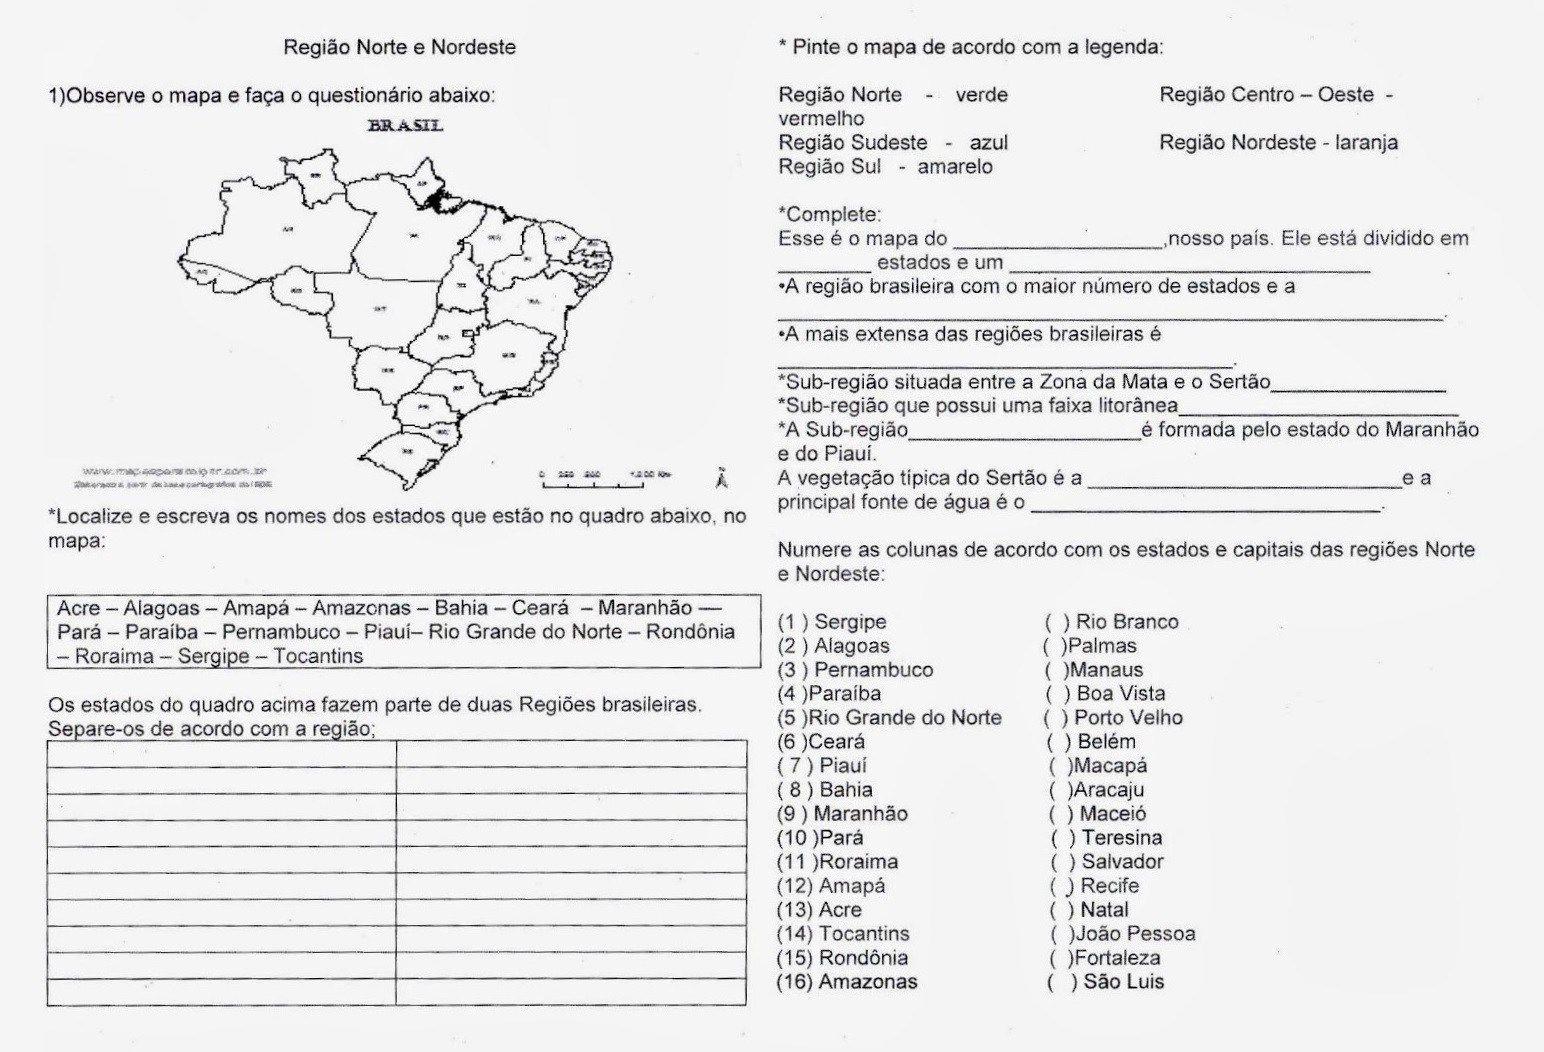 12 Atividades Sobre Regiao Nordeste Para Imprimir Em 2020